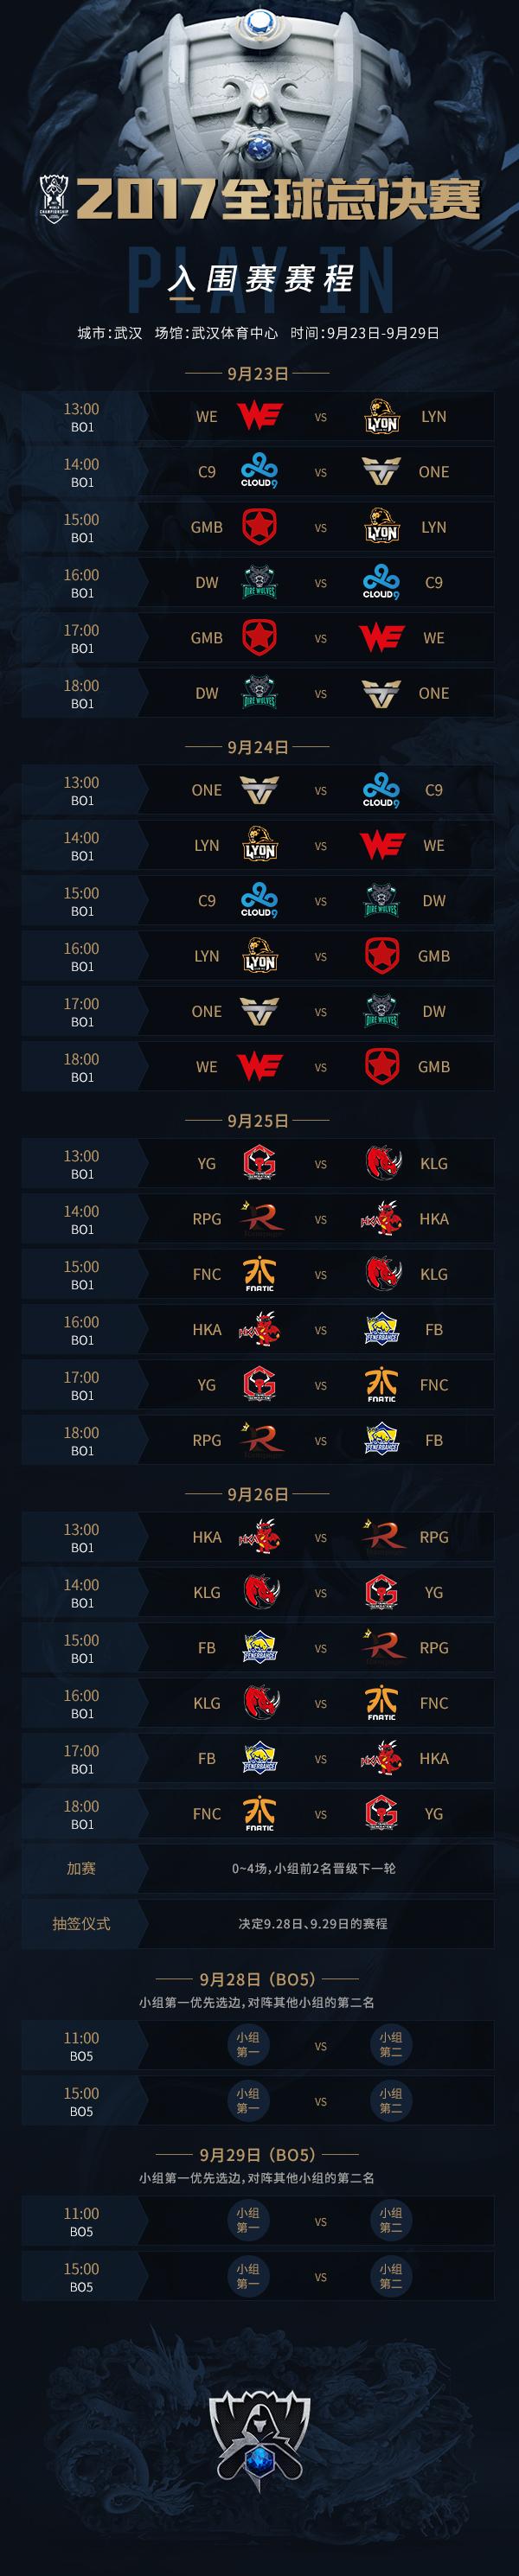 真·lols7全球总决赛入围赛赛程公布 23日揭幕战WE对战LYN